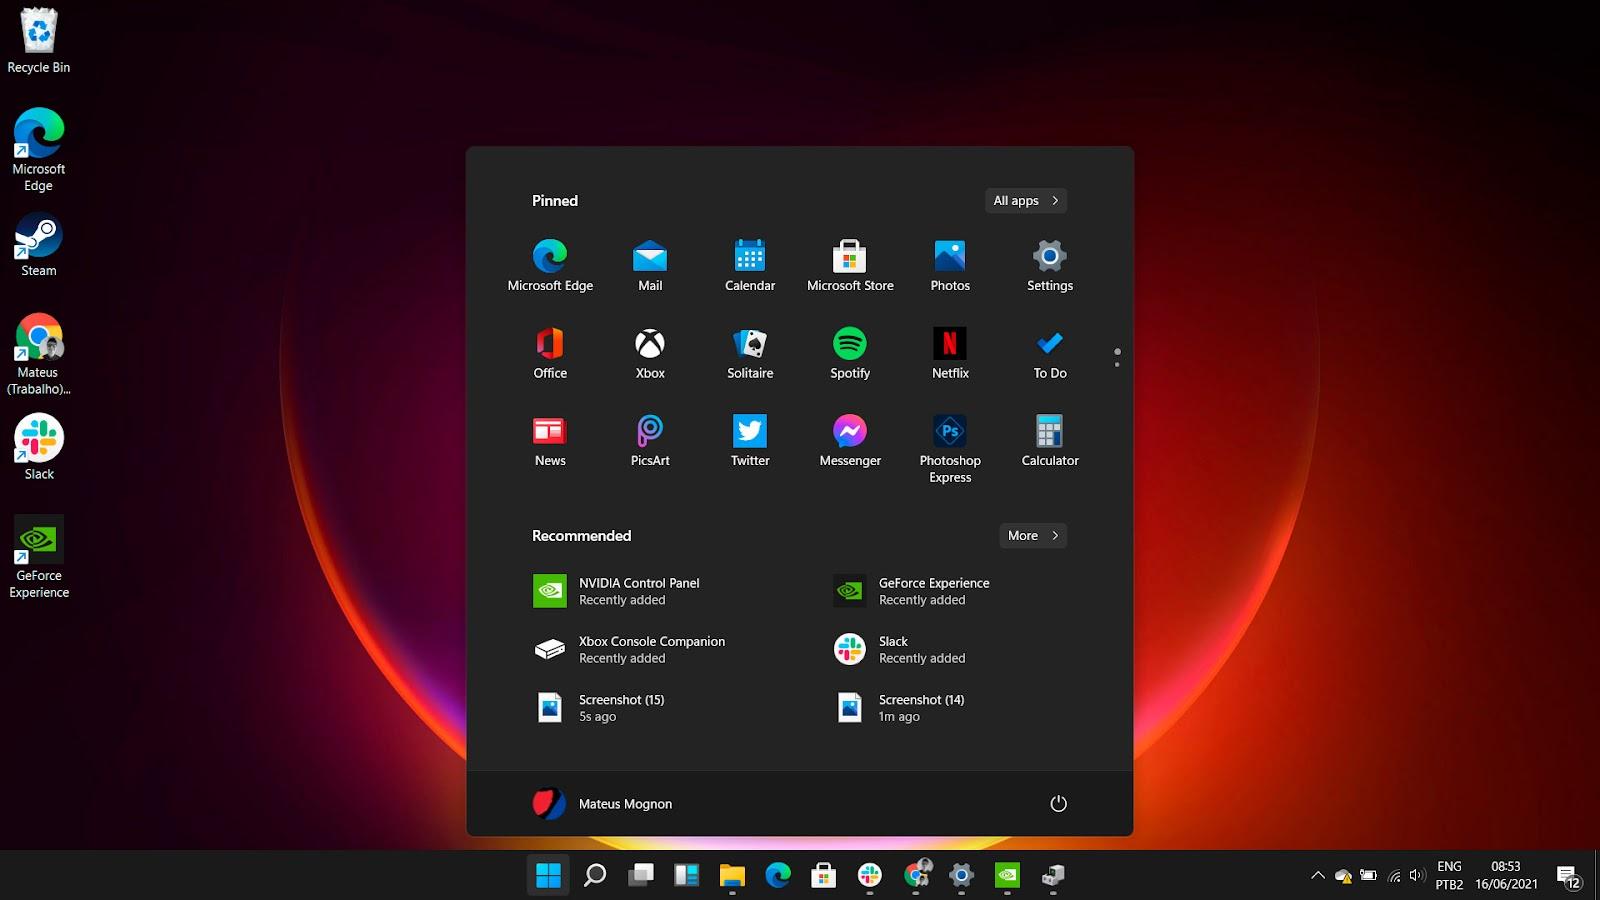 O menu do Windows 11 será central, totalmente diferente de todas as versões anteriores.